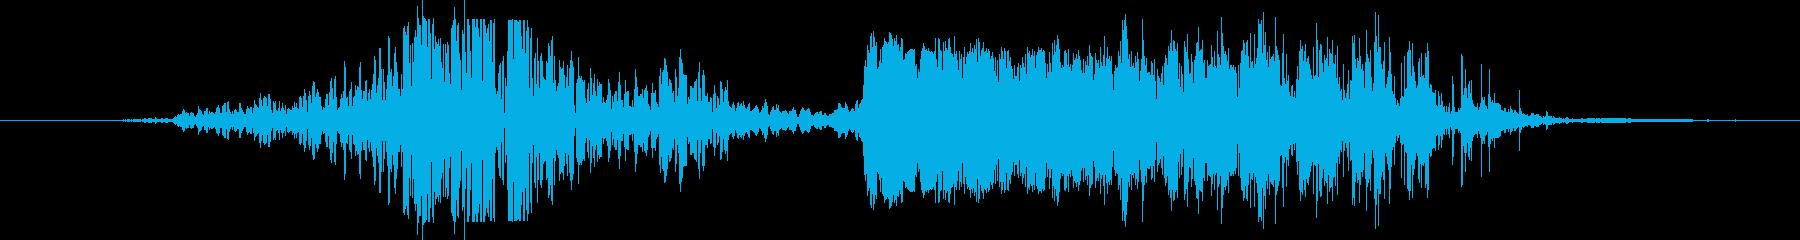 アローオアナイフ:オールドウッドイ...の再生済みの波形